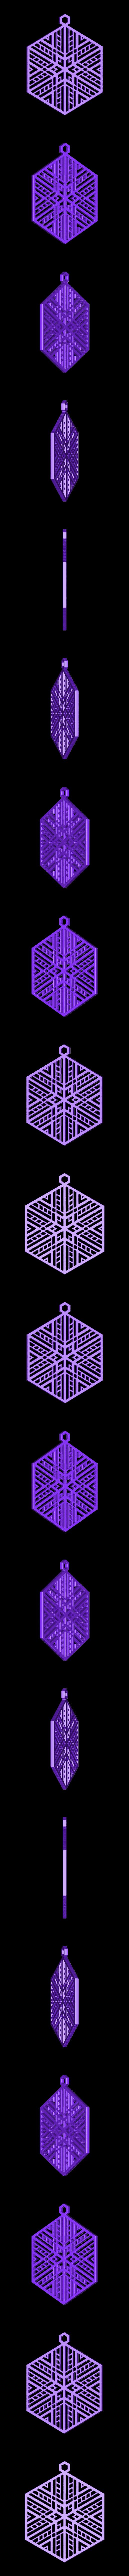 Ornament_D.obj Télécharger fichier OBJ gratuit Quatre ornements inspirés du vitrail • Design pour imprimante 3D, Not3dred